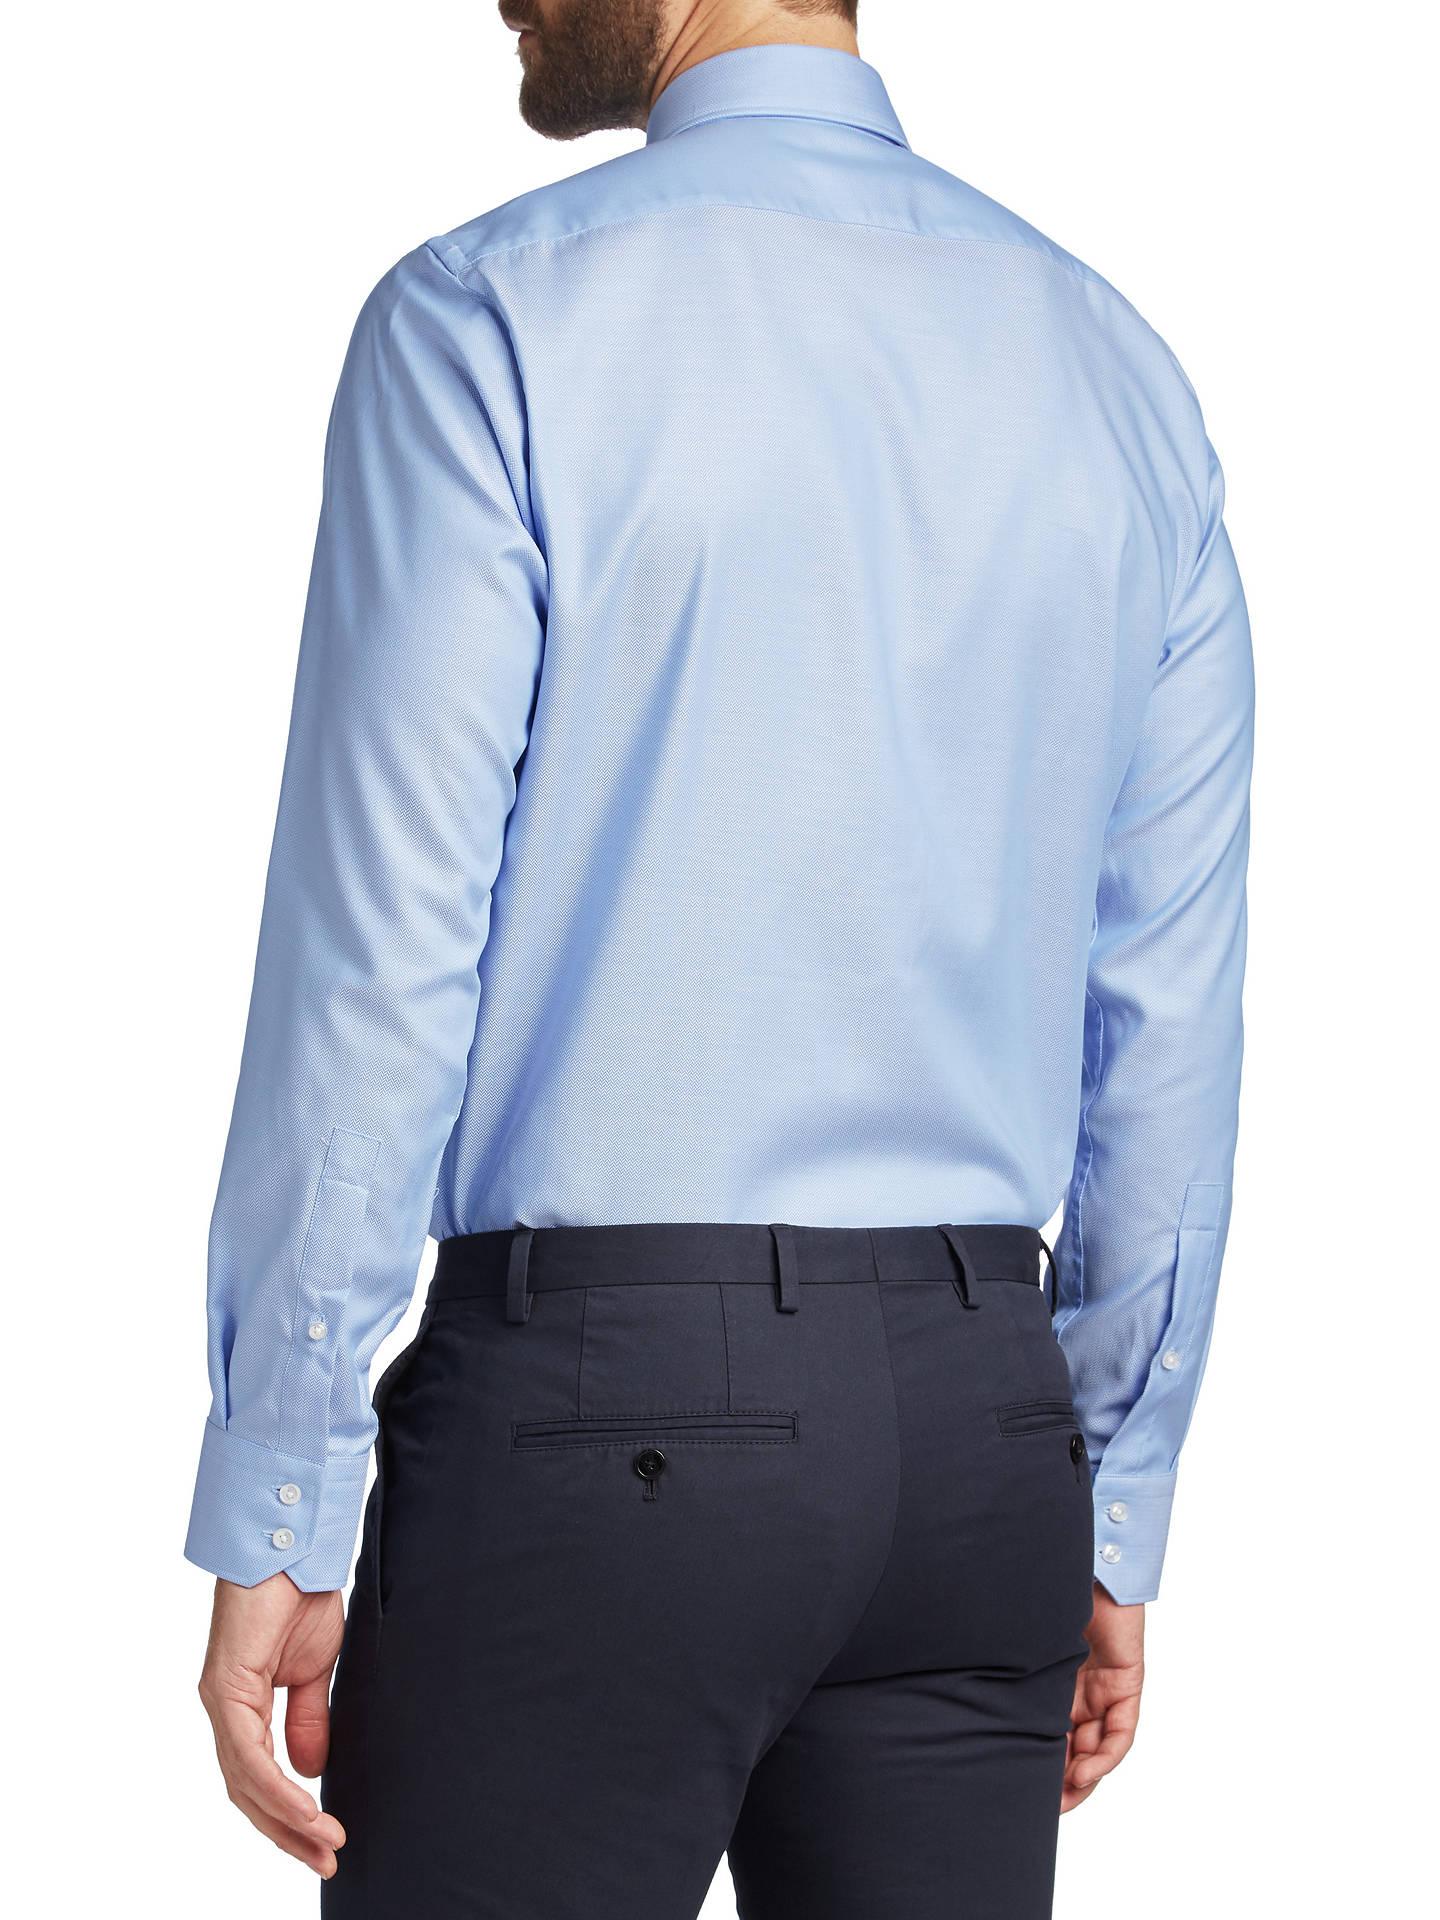 innovatives Design schön und charmant Entdecken Sie die neuesten Trends HUGO by Hugo Boss Enzo Easy Iron Cotton Regular Fit Shirt ...